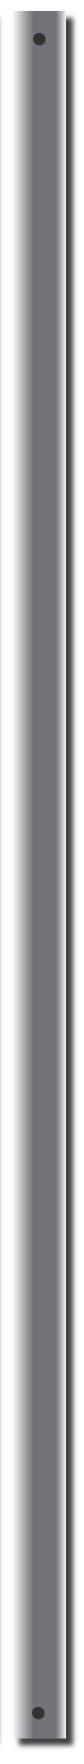 Tige Pour Ventilateur – Canarm – DR2451